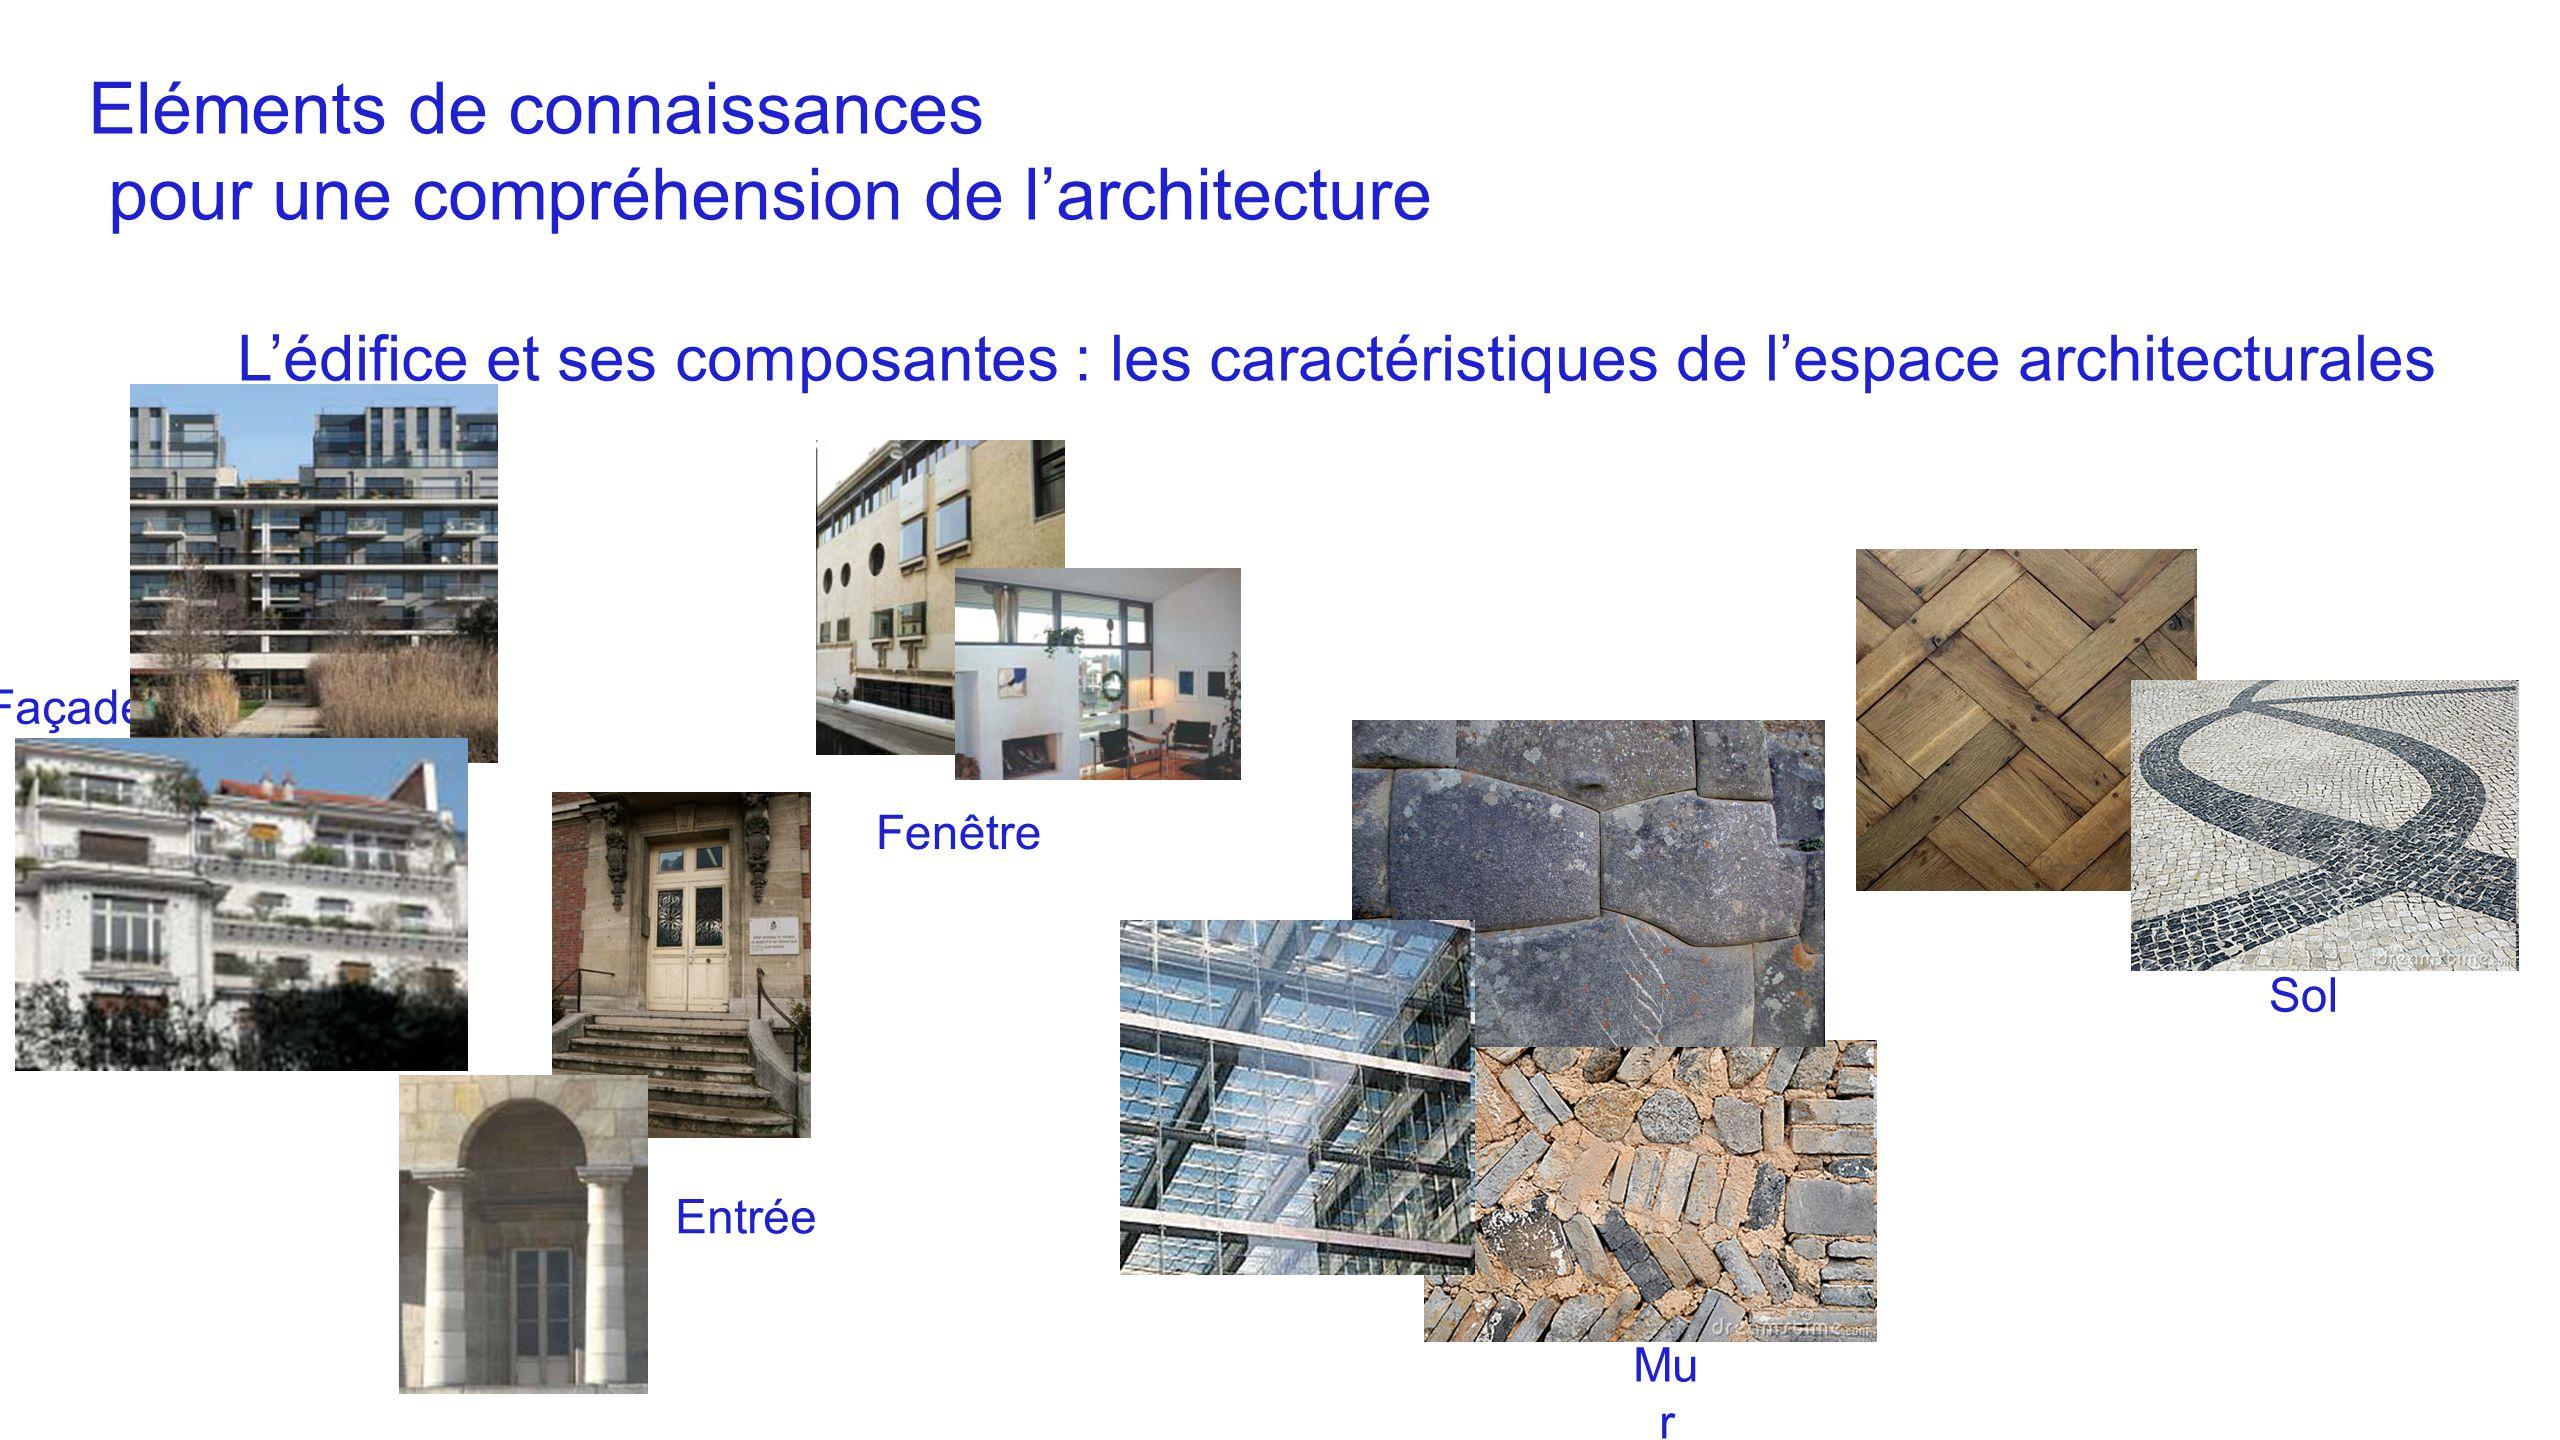 Eléments de connaissances pour une compréhension de l'architecture L'édifice et ses composantes : les caractéristiques de l'espace architecturales Faç